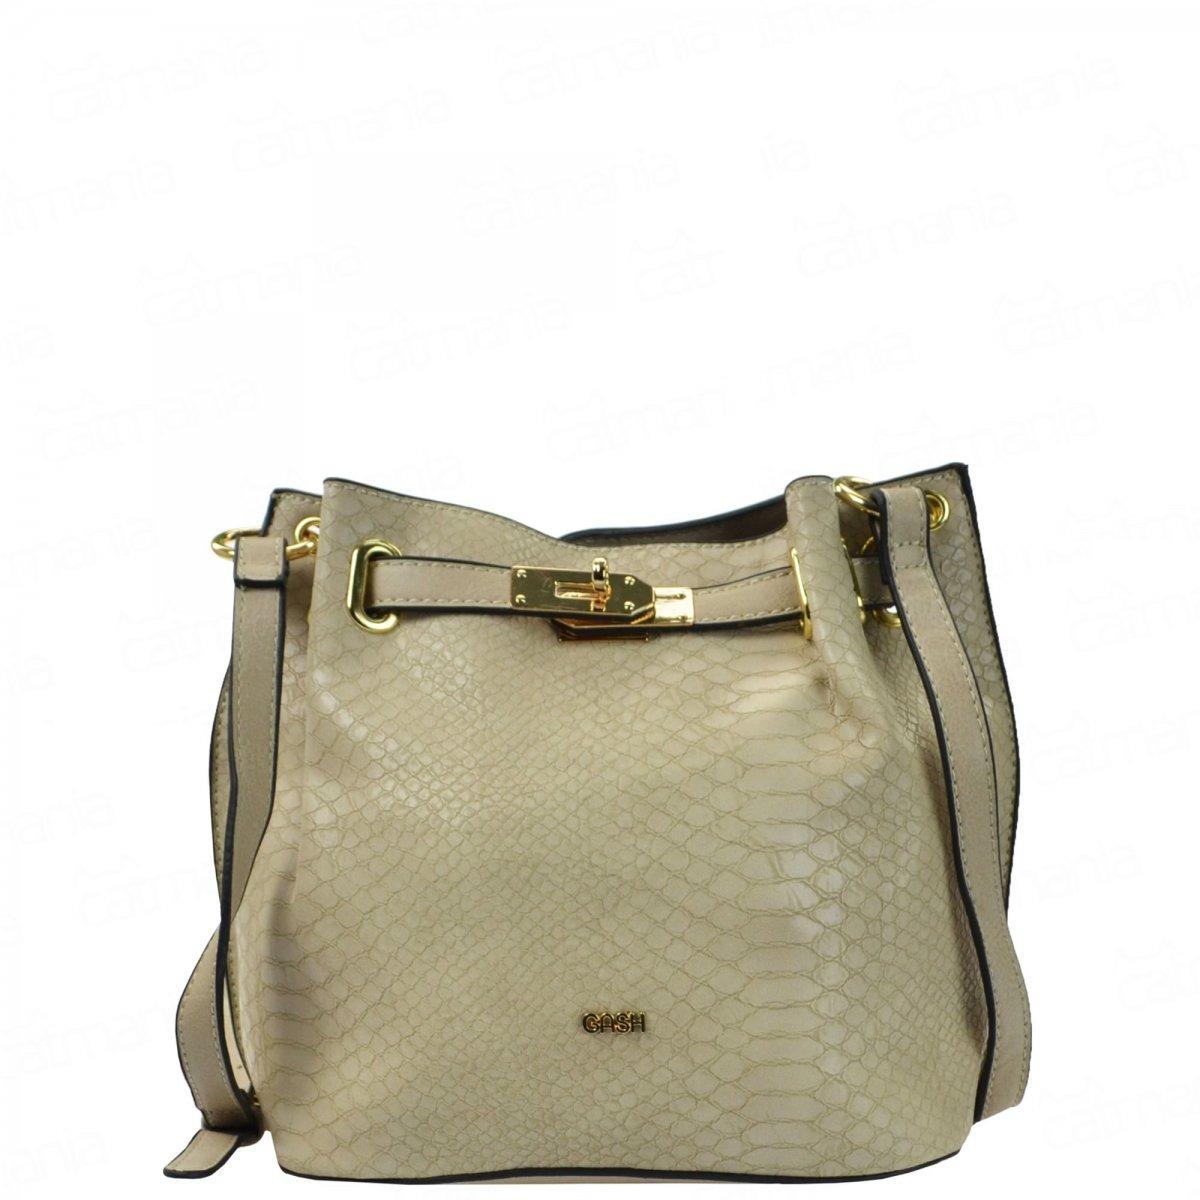 2b1347e23 Mini Bolsa Saco Transversal Gash - Catmania - R$ 79,90 em Mercado Livre